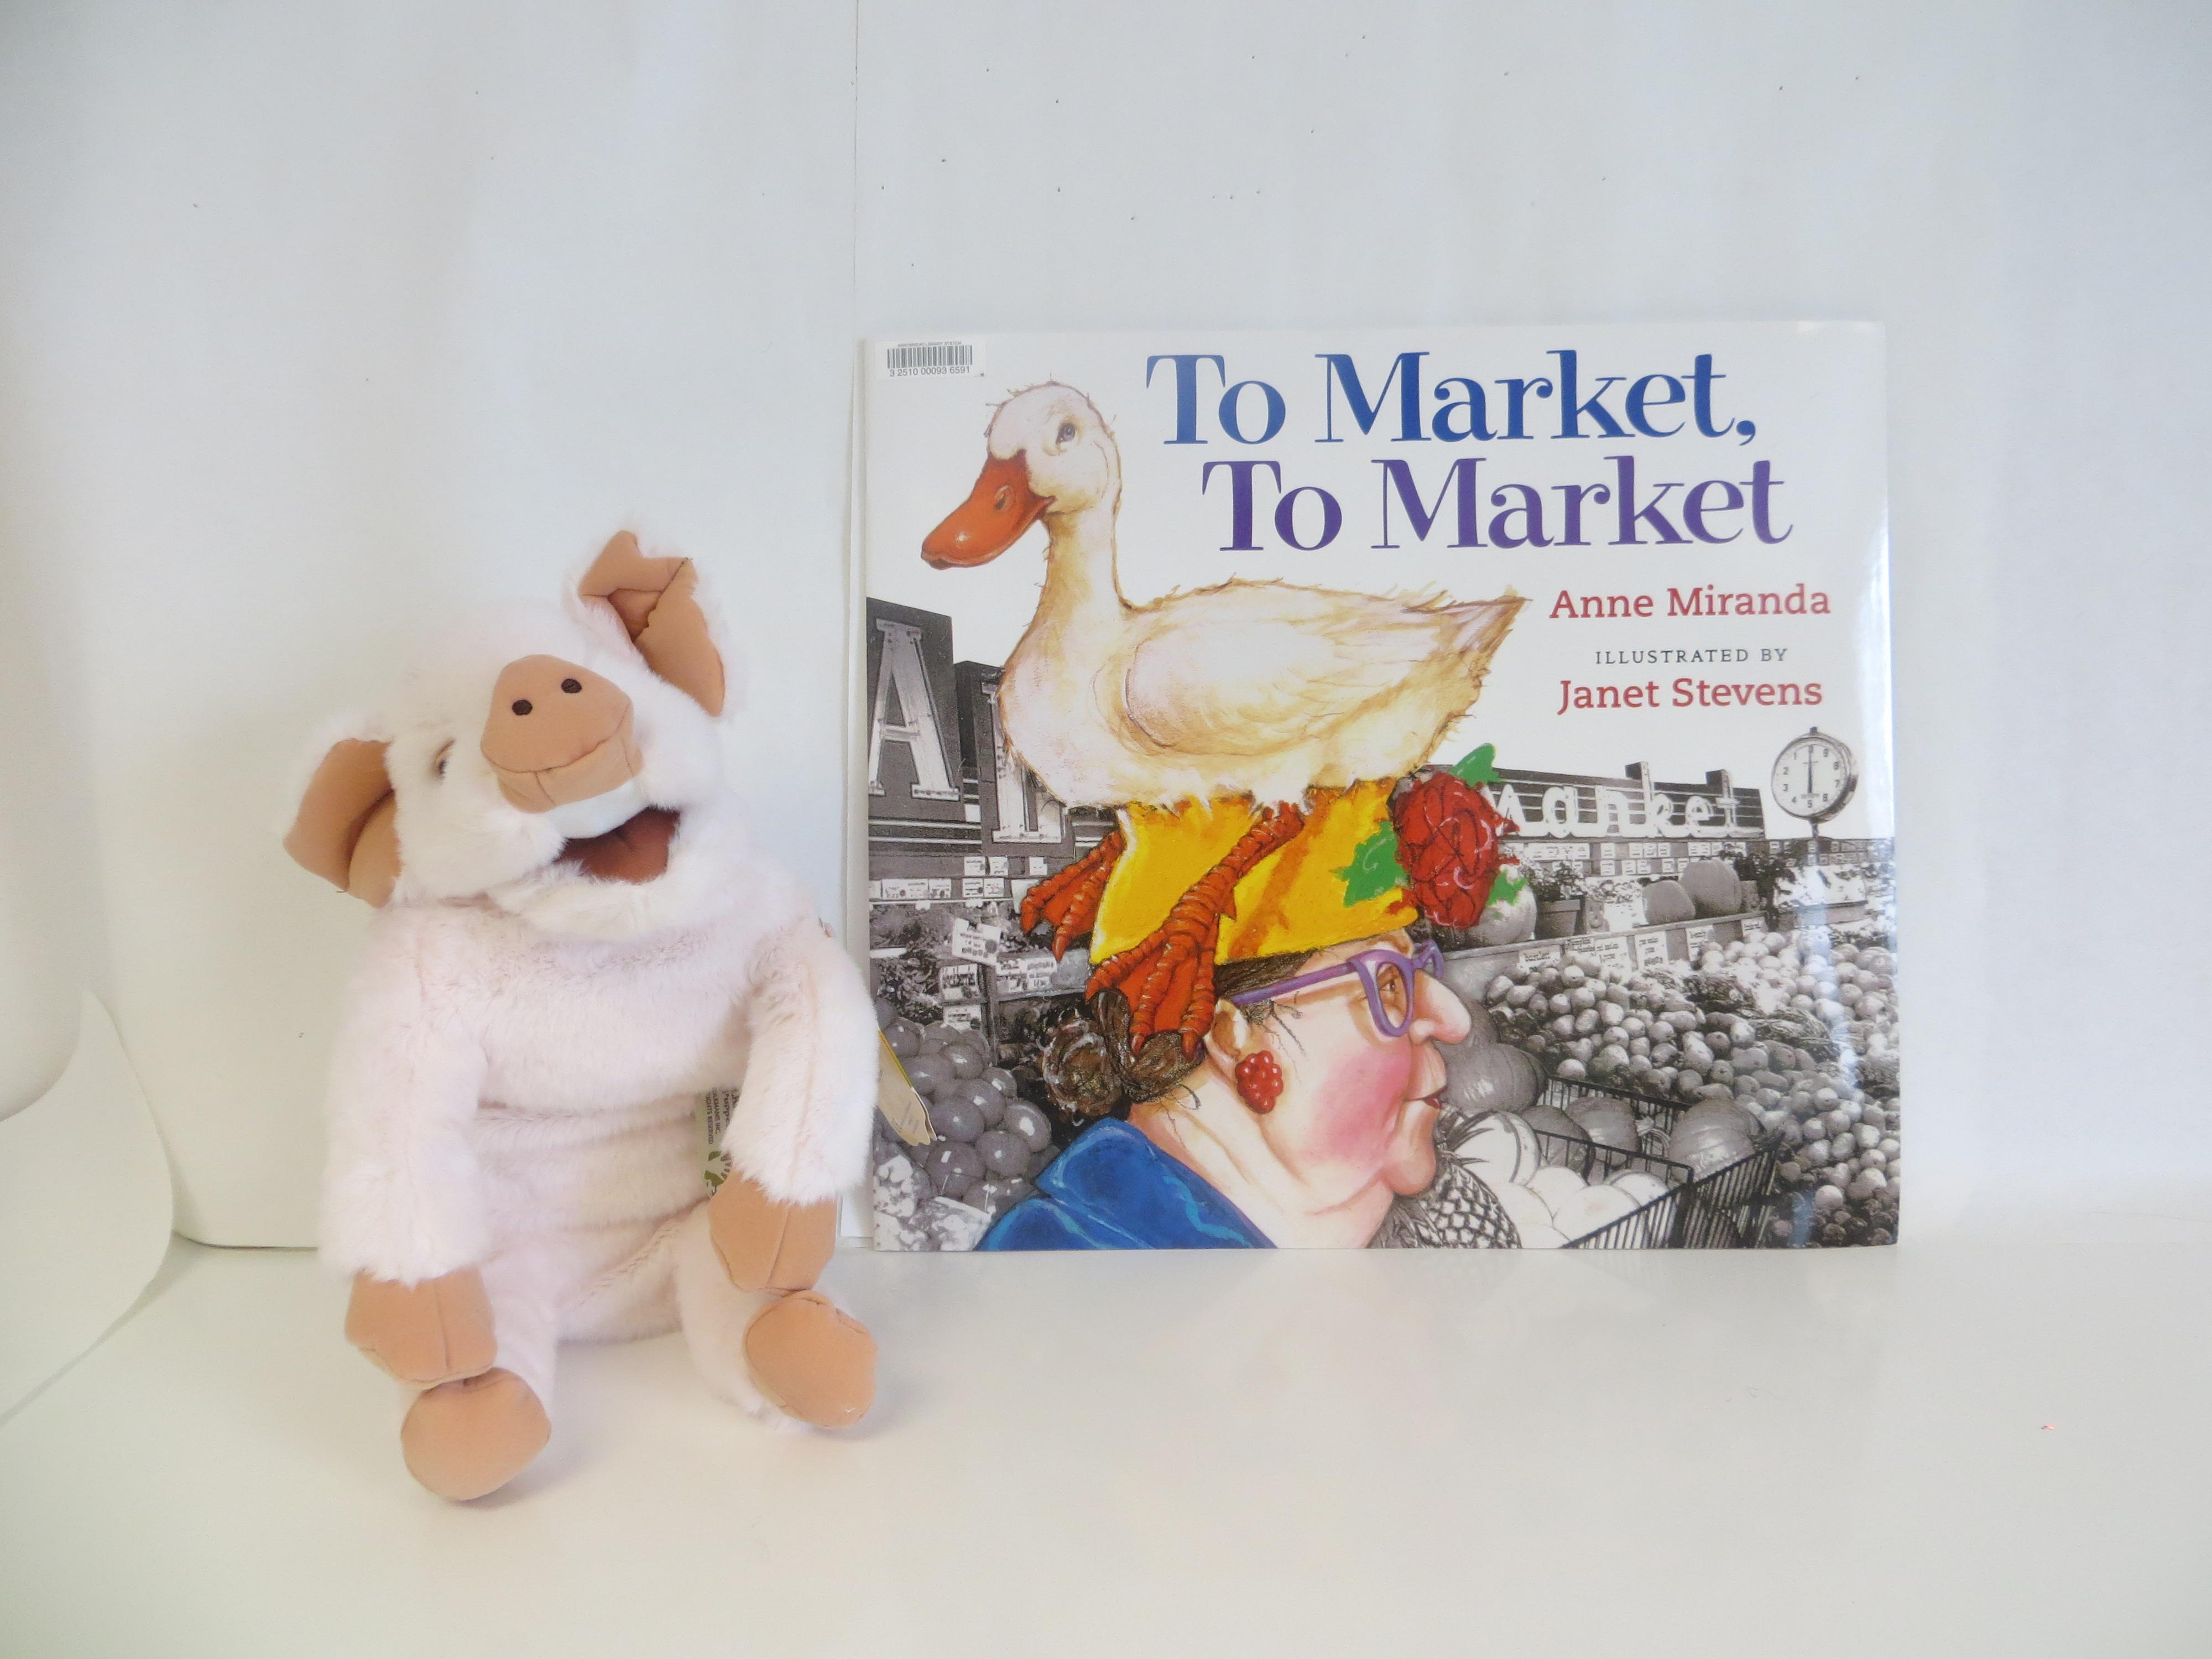 To Market To Market